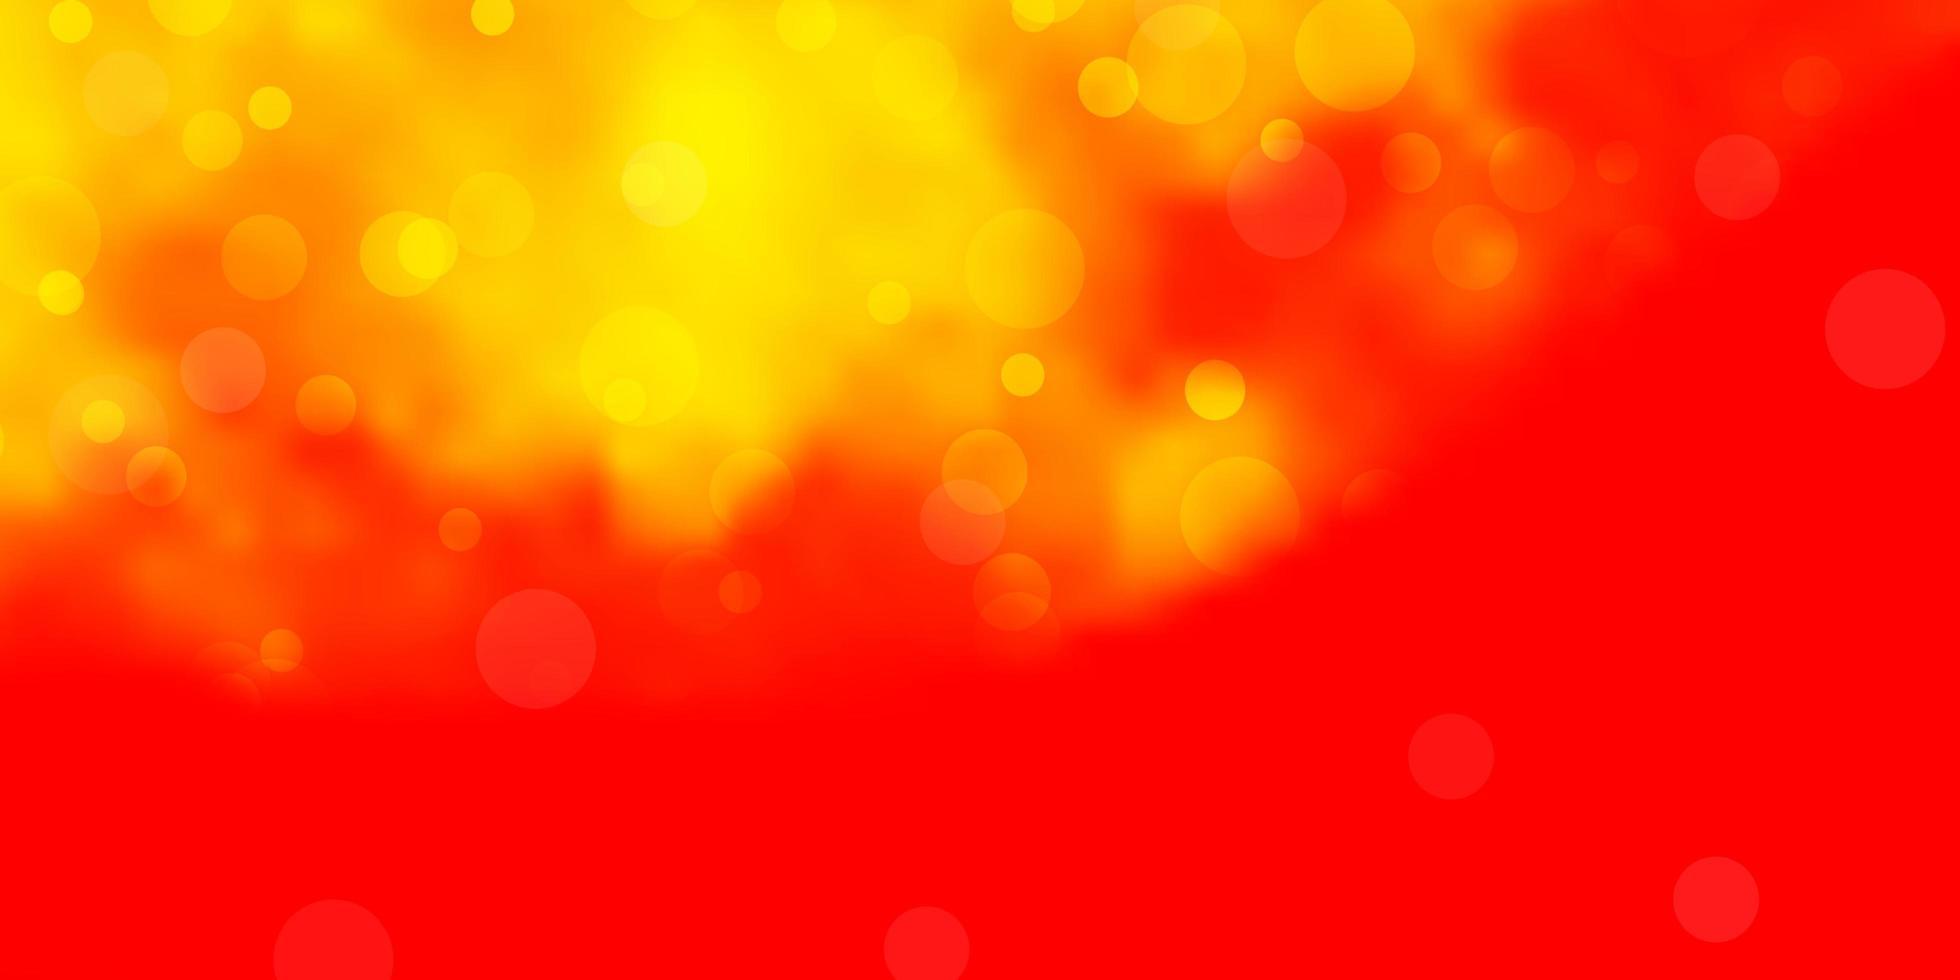 rode en gele achtergrond met stippen. vector